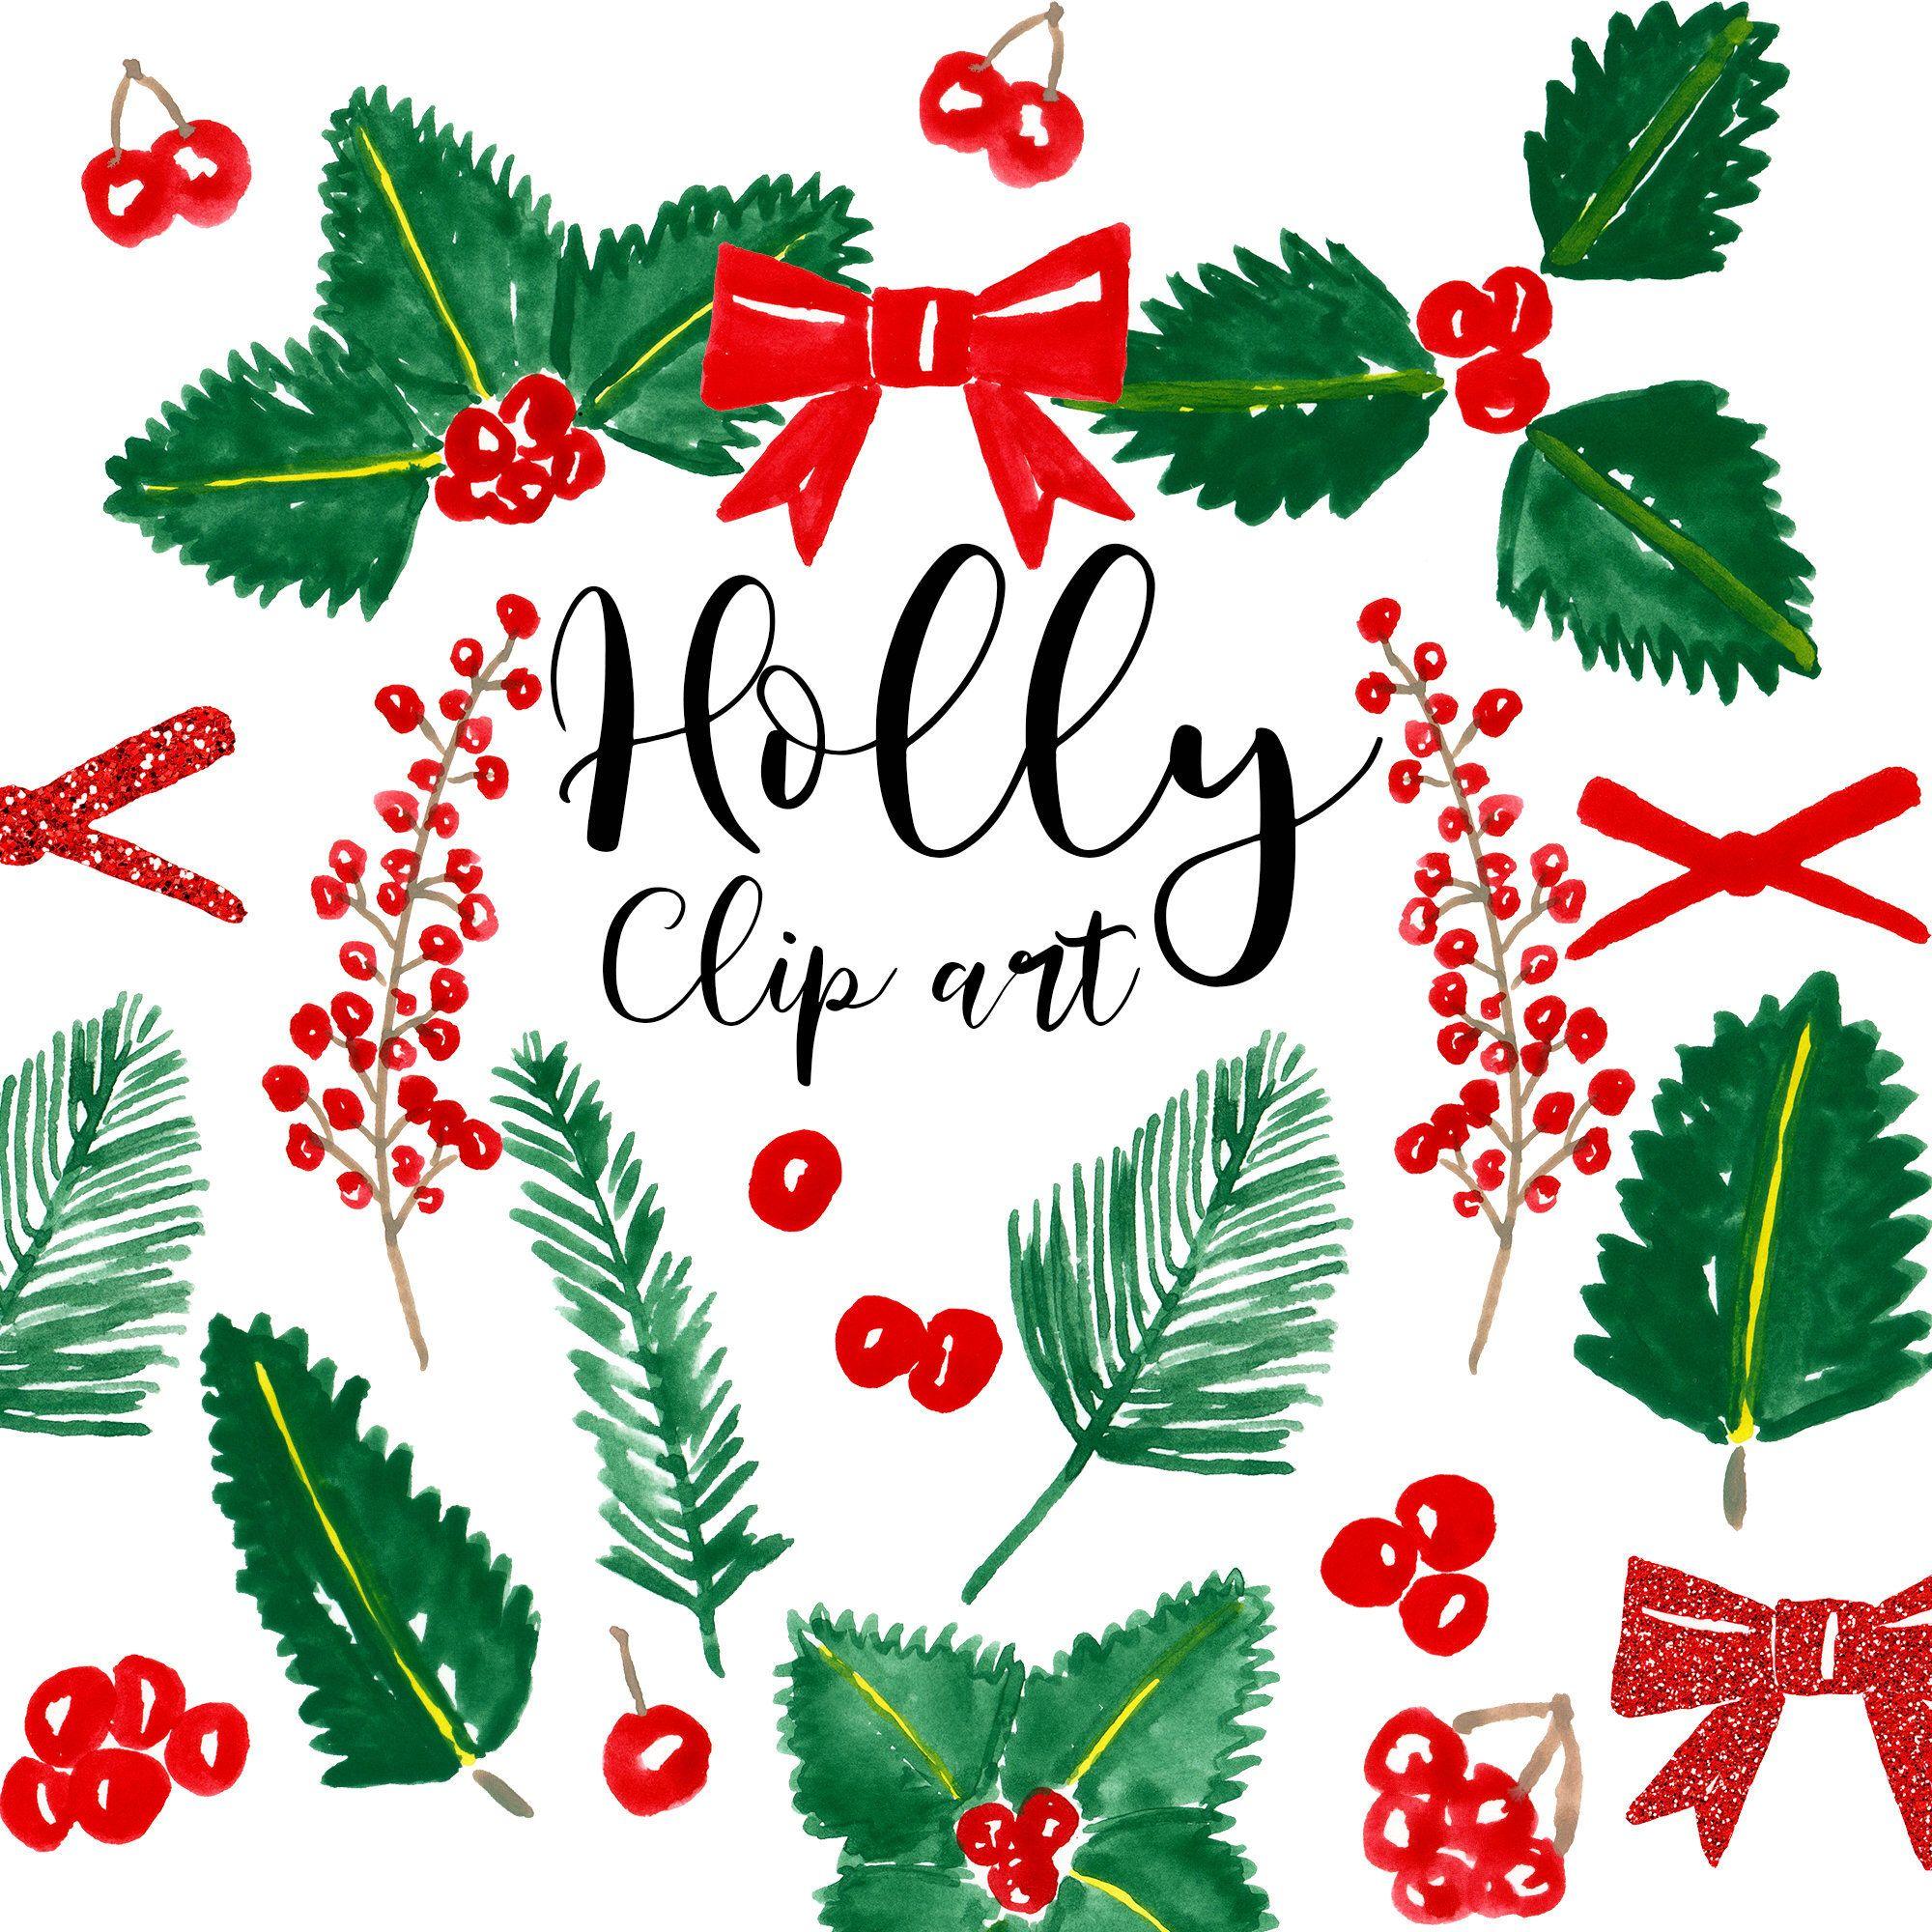 Agrifoglio Immagini Natalizie.Clip Art Di Natale Agrifoglio Natale Acquerello Bacche Etsy Planner Stickers Decorazioni Di Natale Natale